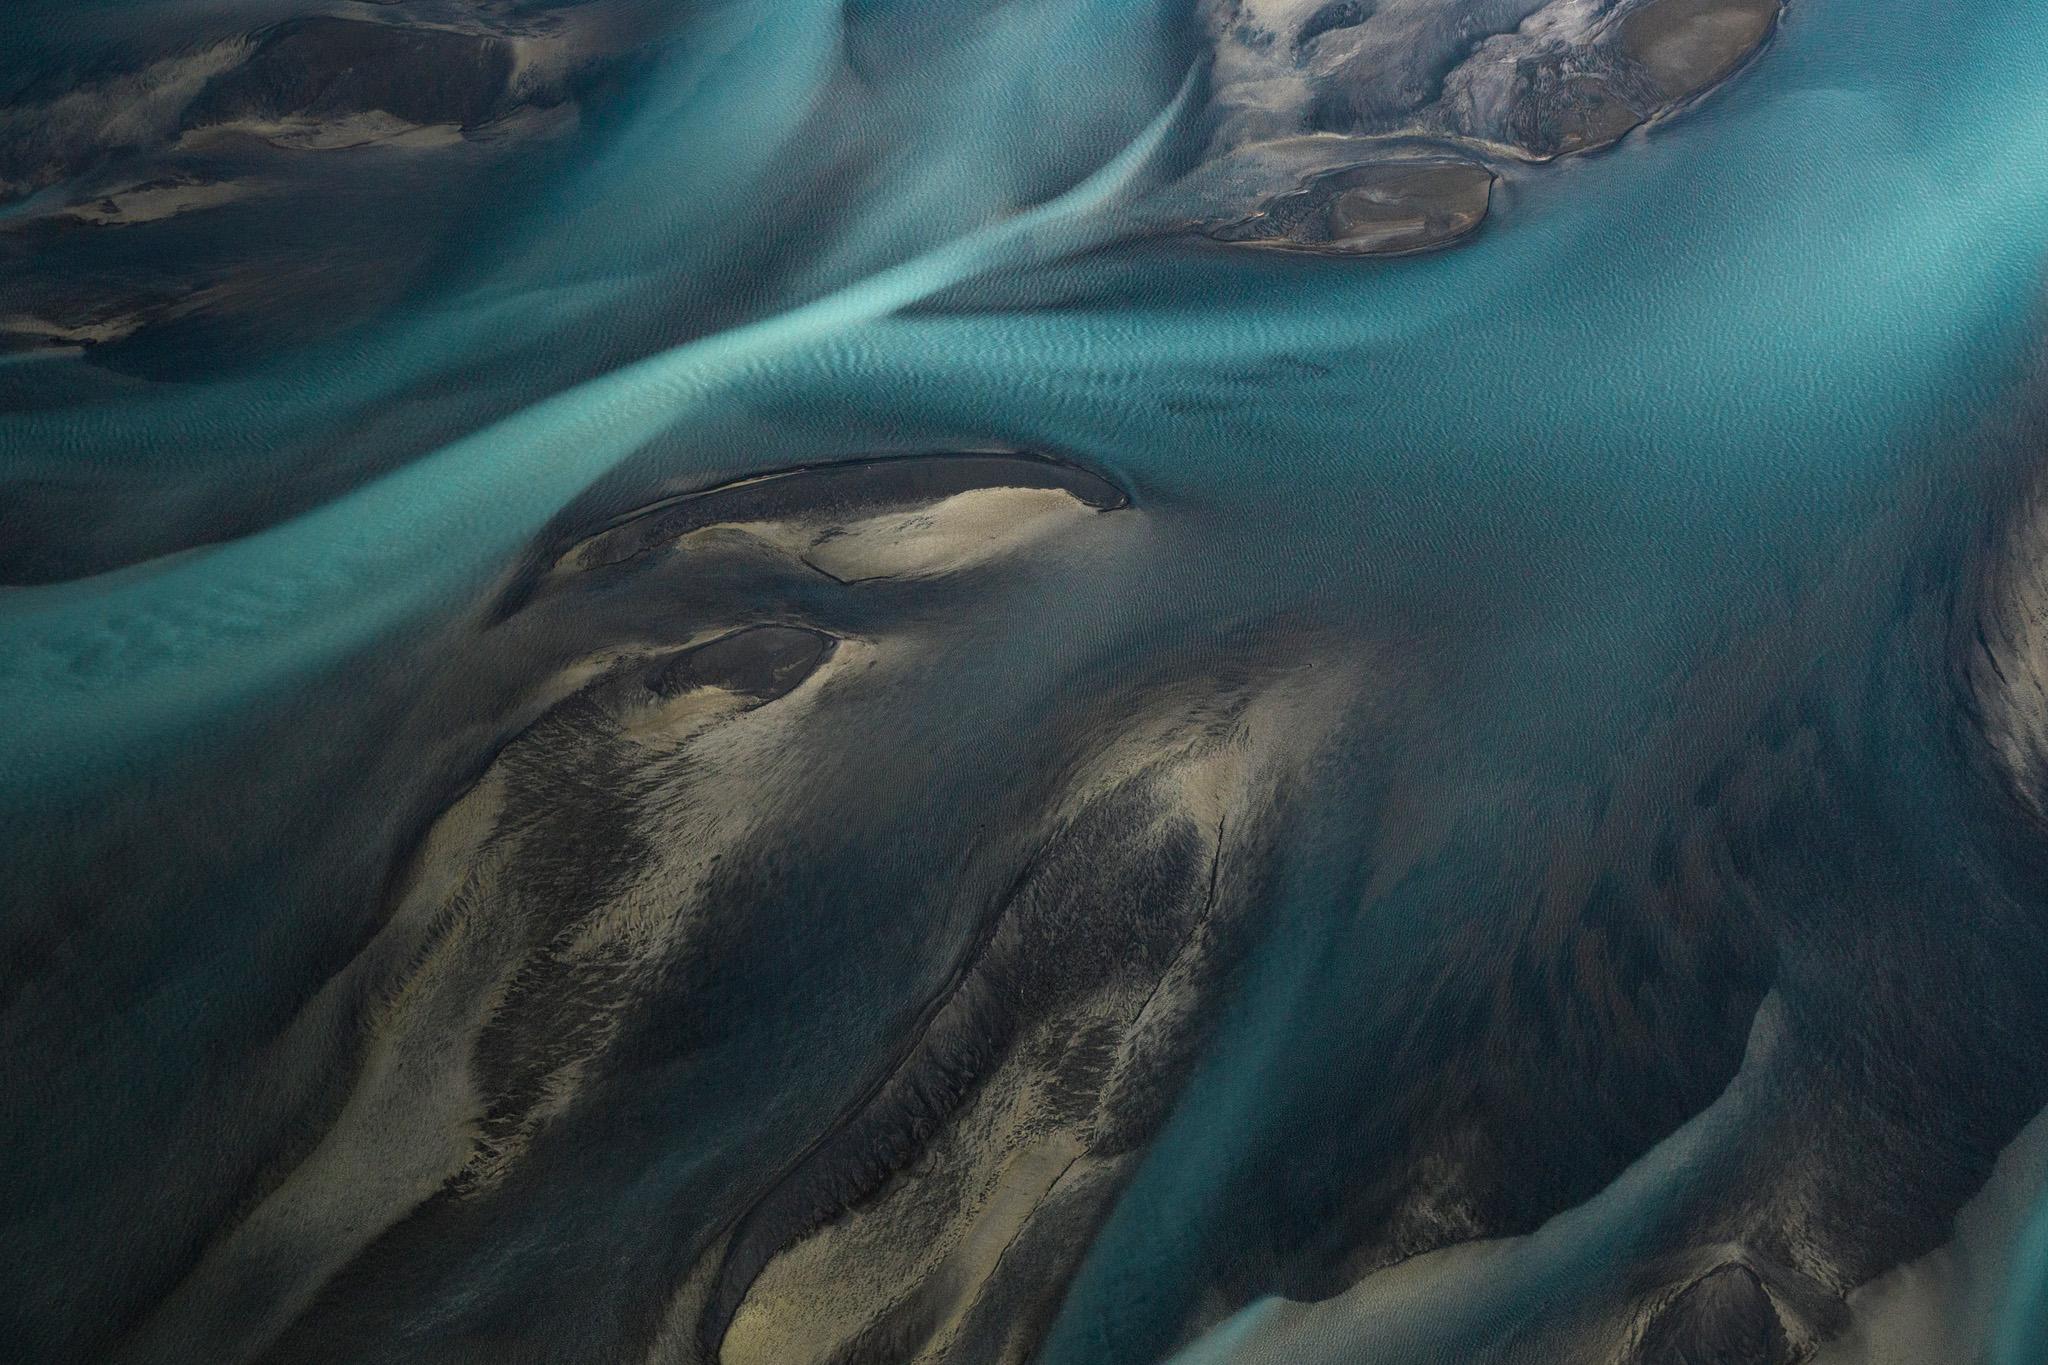 AxelSig_aerial024.jpg